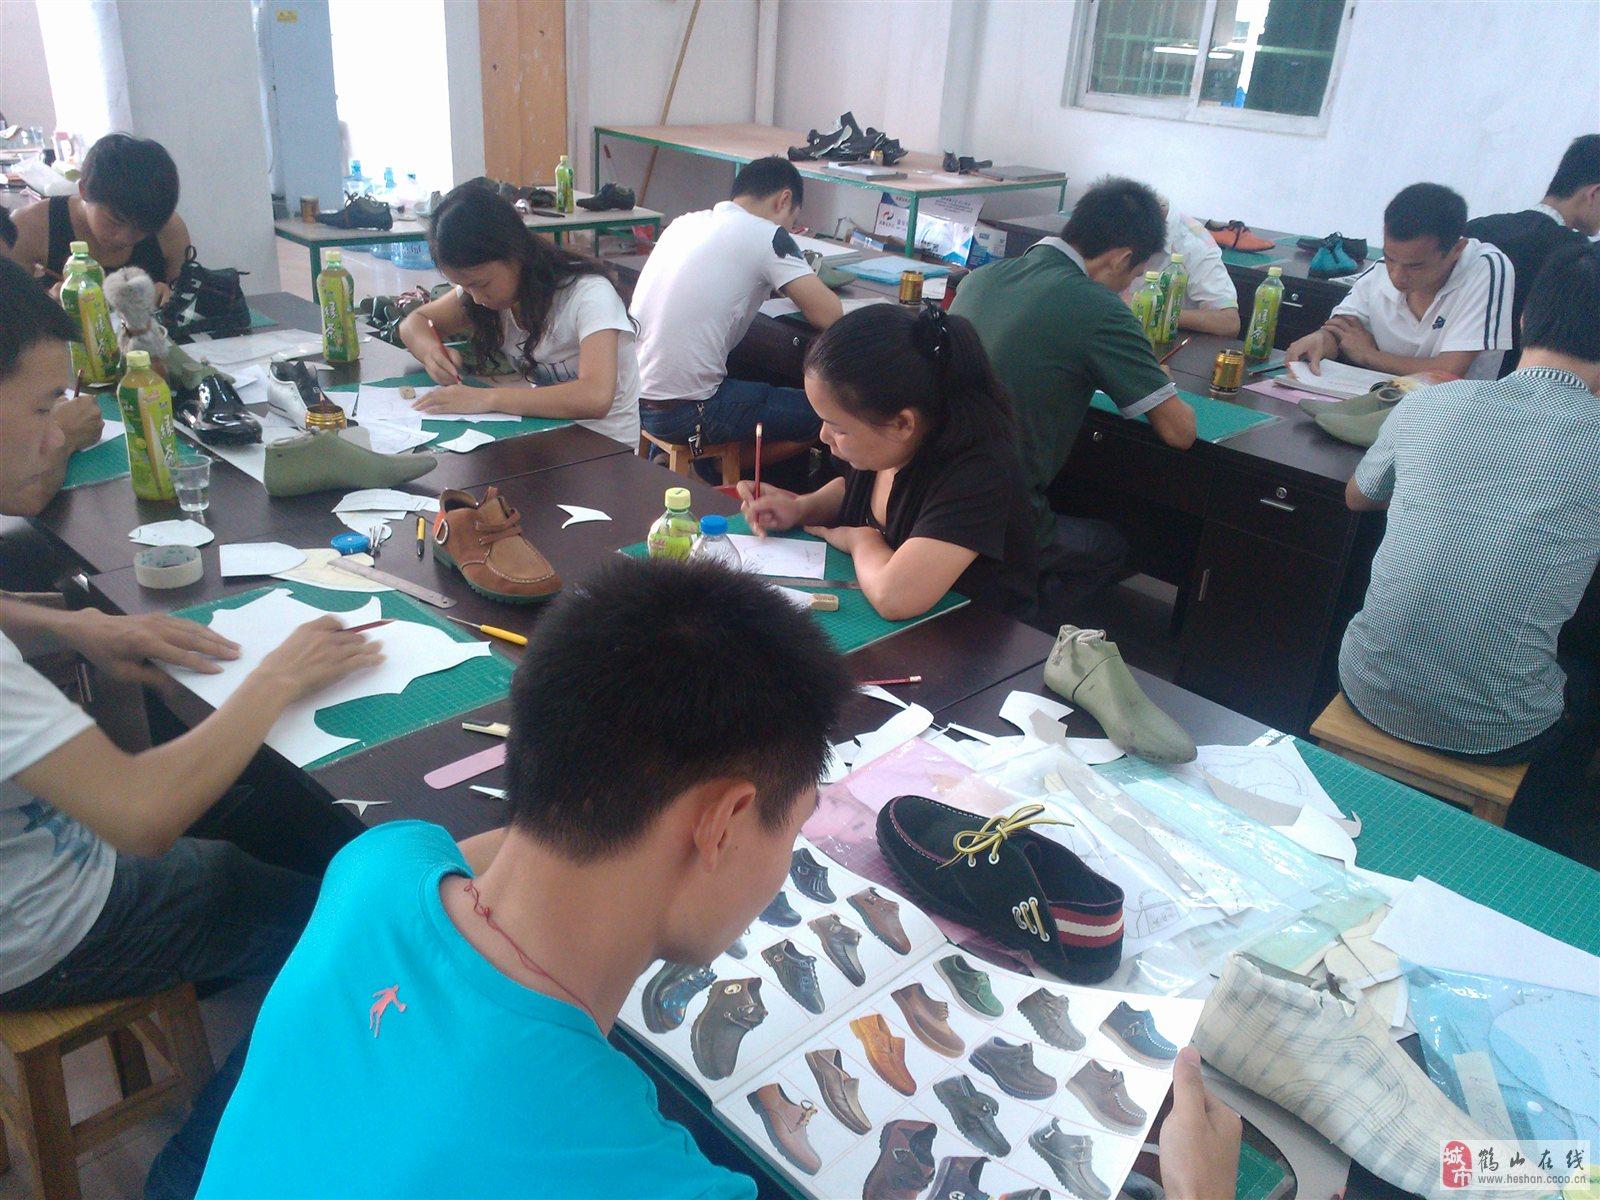 鹤山市艺立鸿鞋业鞋样设计出格版师技术全套培训